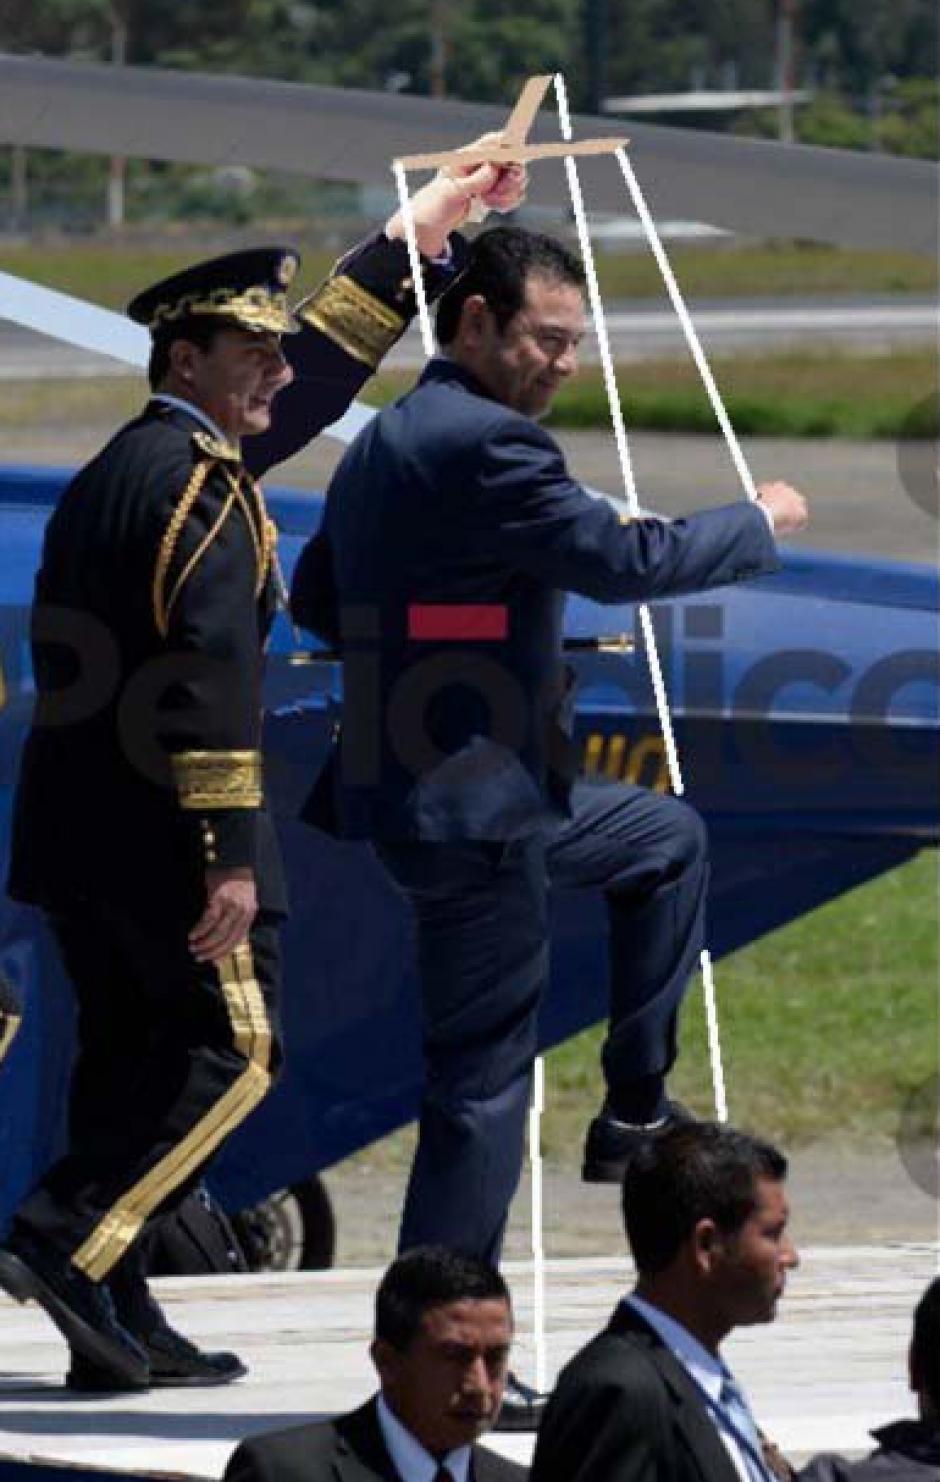 Algunos aprovecharon para cuestionar que los militares manejan la figura presidencial. (Foto: Twitter)